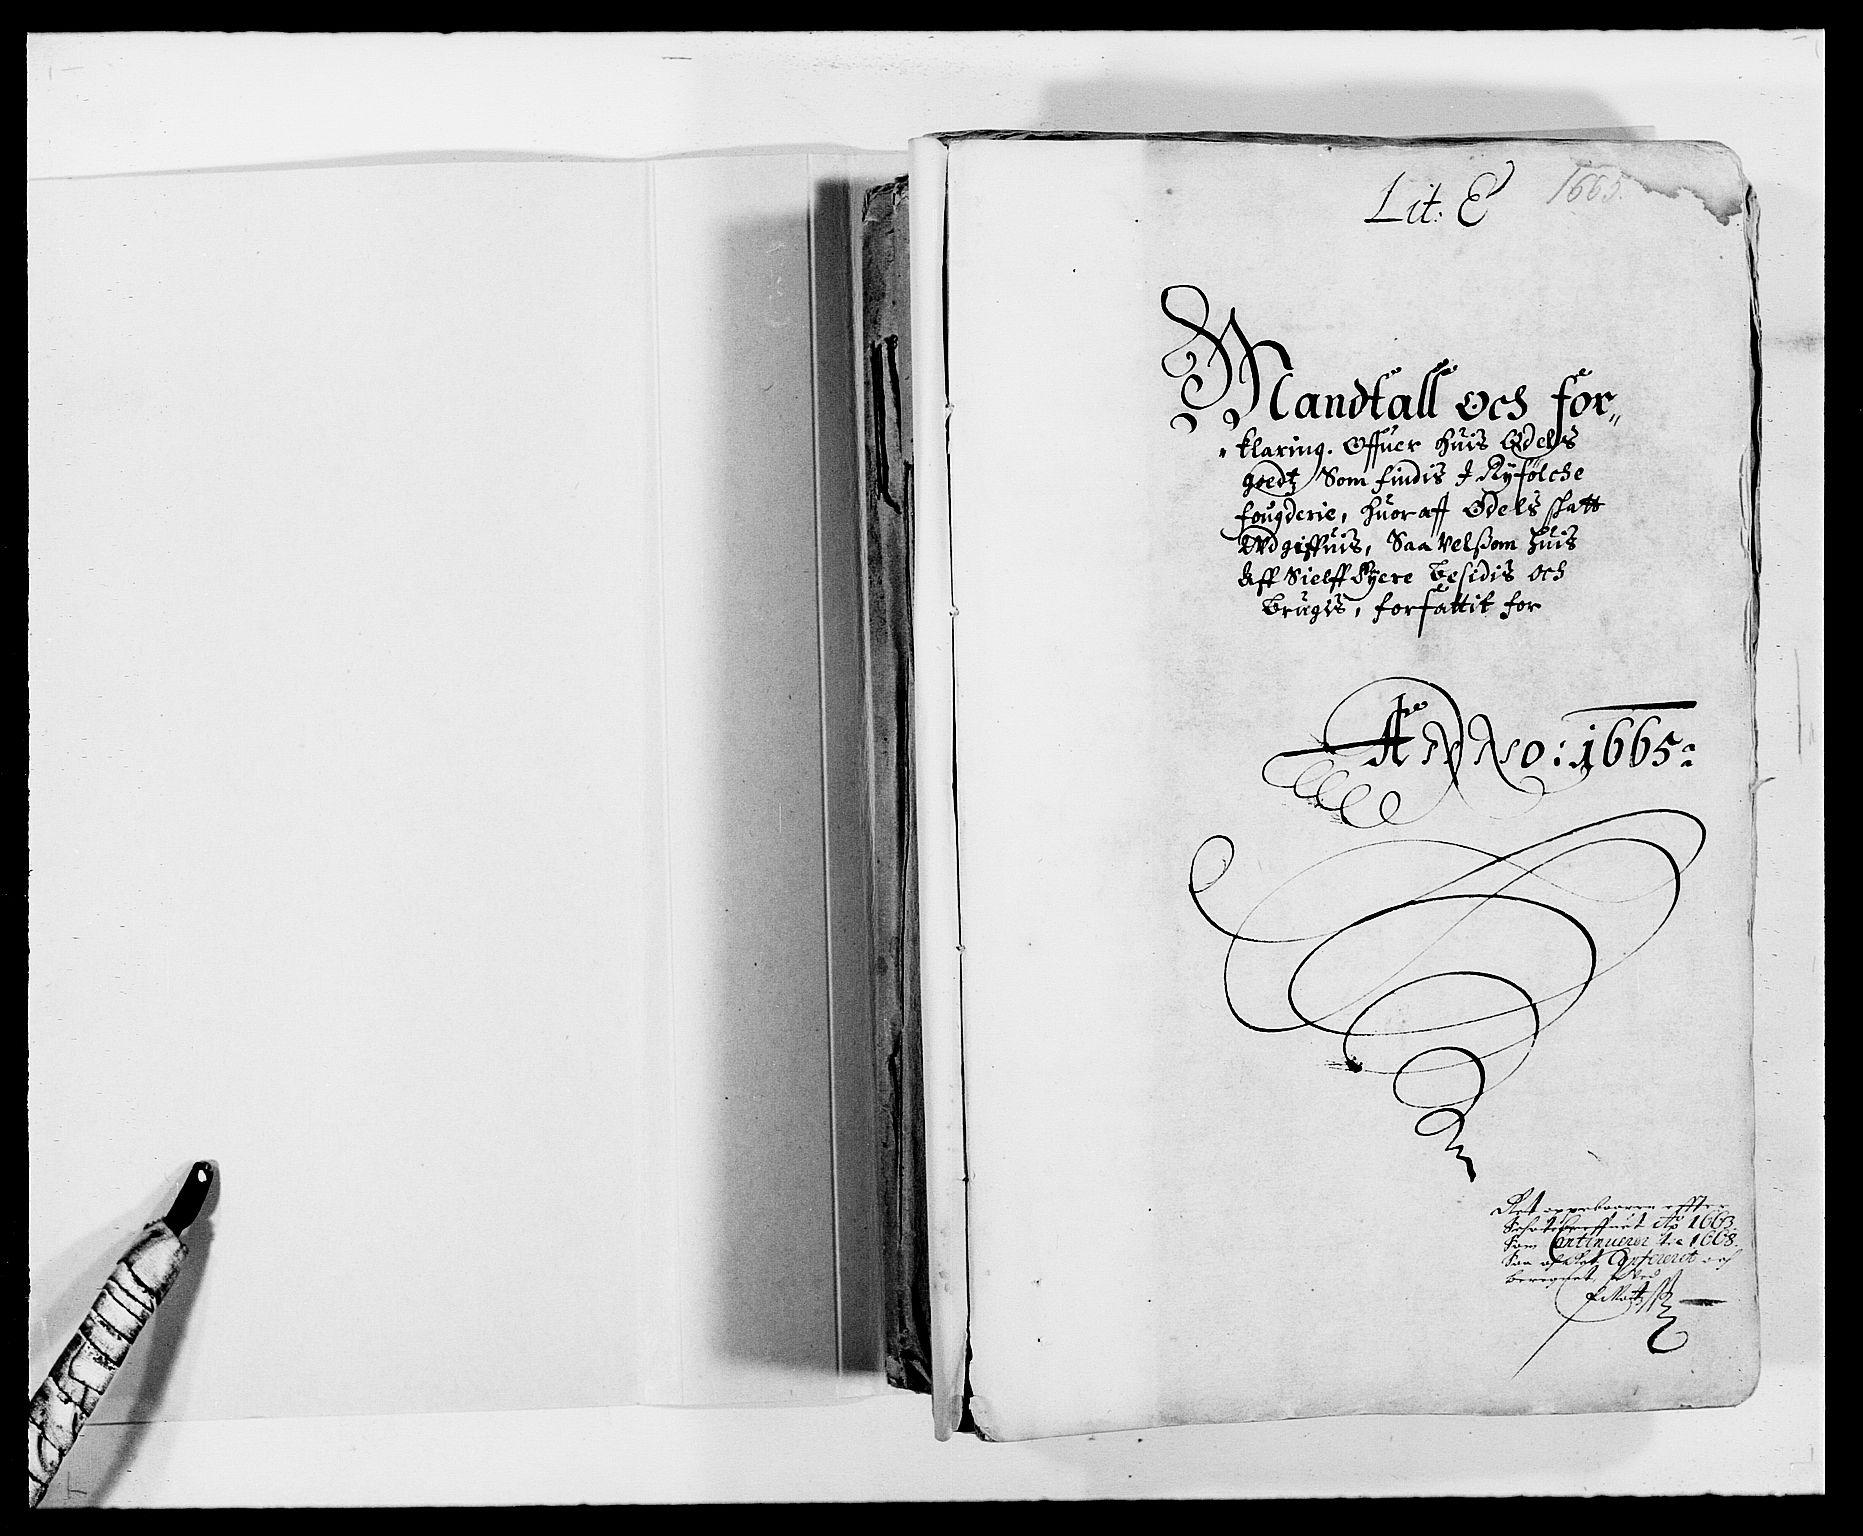 RA, Rentekammeret inntil 1814, Reviderte regnskaper, Fogderegnskap, R47/L2840: Fogderegnskap Ryfylke, 1665-1669, s. 2